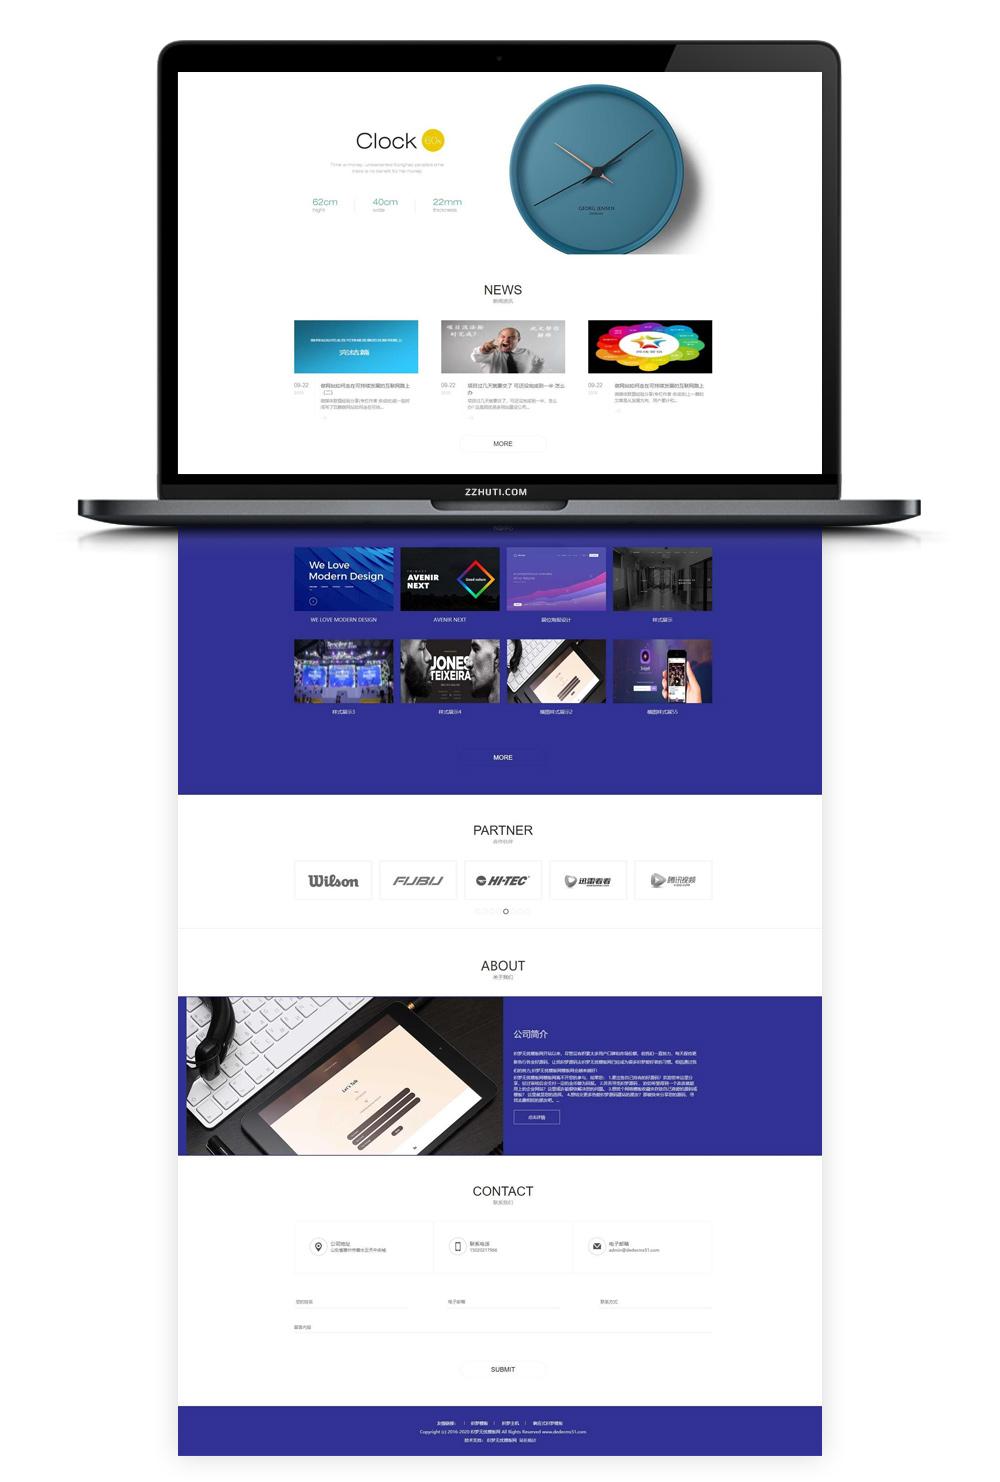 【织梦视觉设计企业模板】html5响应式网站互联网视觉传达设计类dedecms自适应手机端网站源码-找主题源码